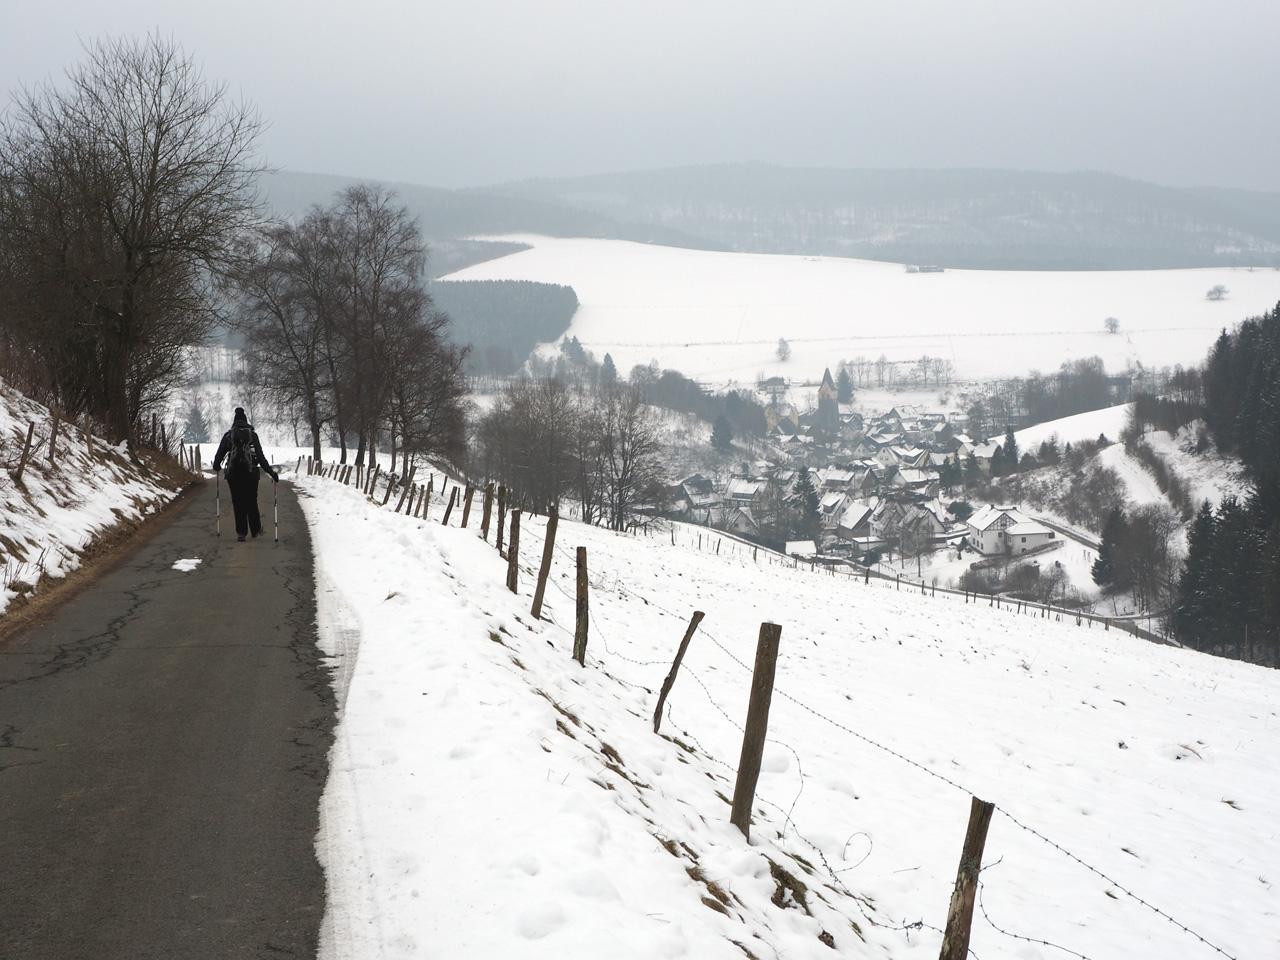 winterwandelen met een fraai uitzicht op Girkhausen